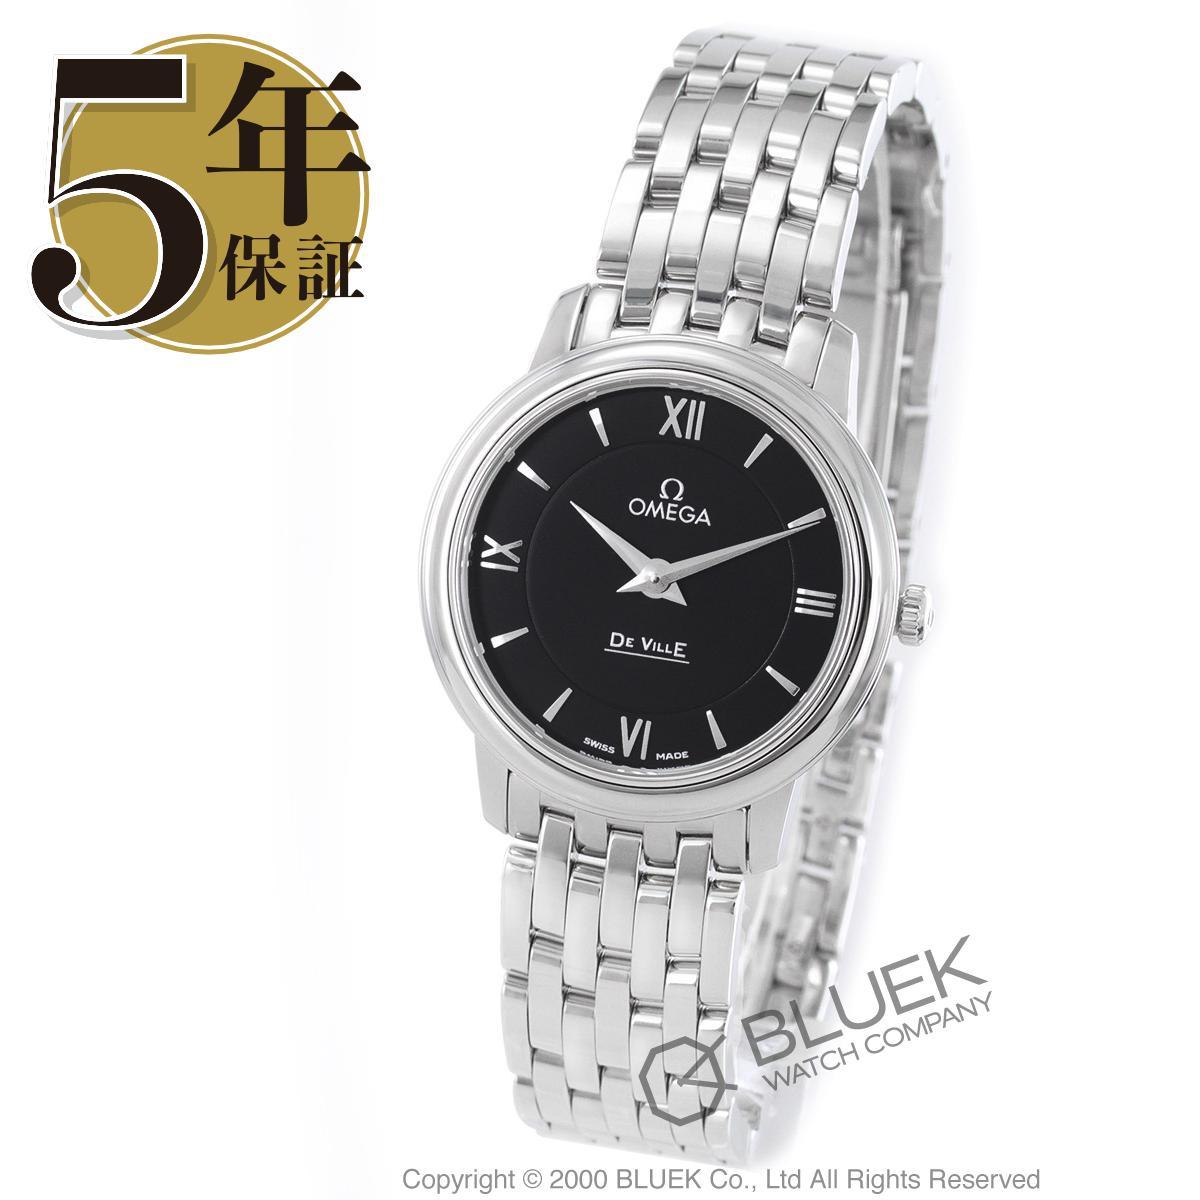 オメガ OMEGA 腕時計 デビル プレステージ レディース 424.10.27.60.01.001_8